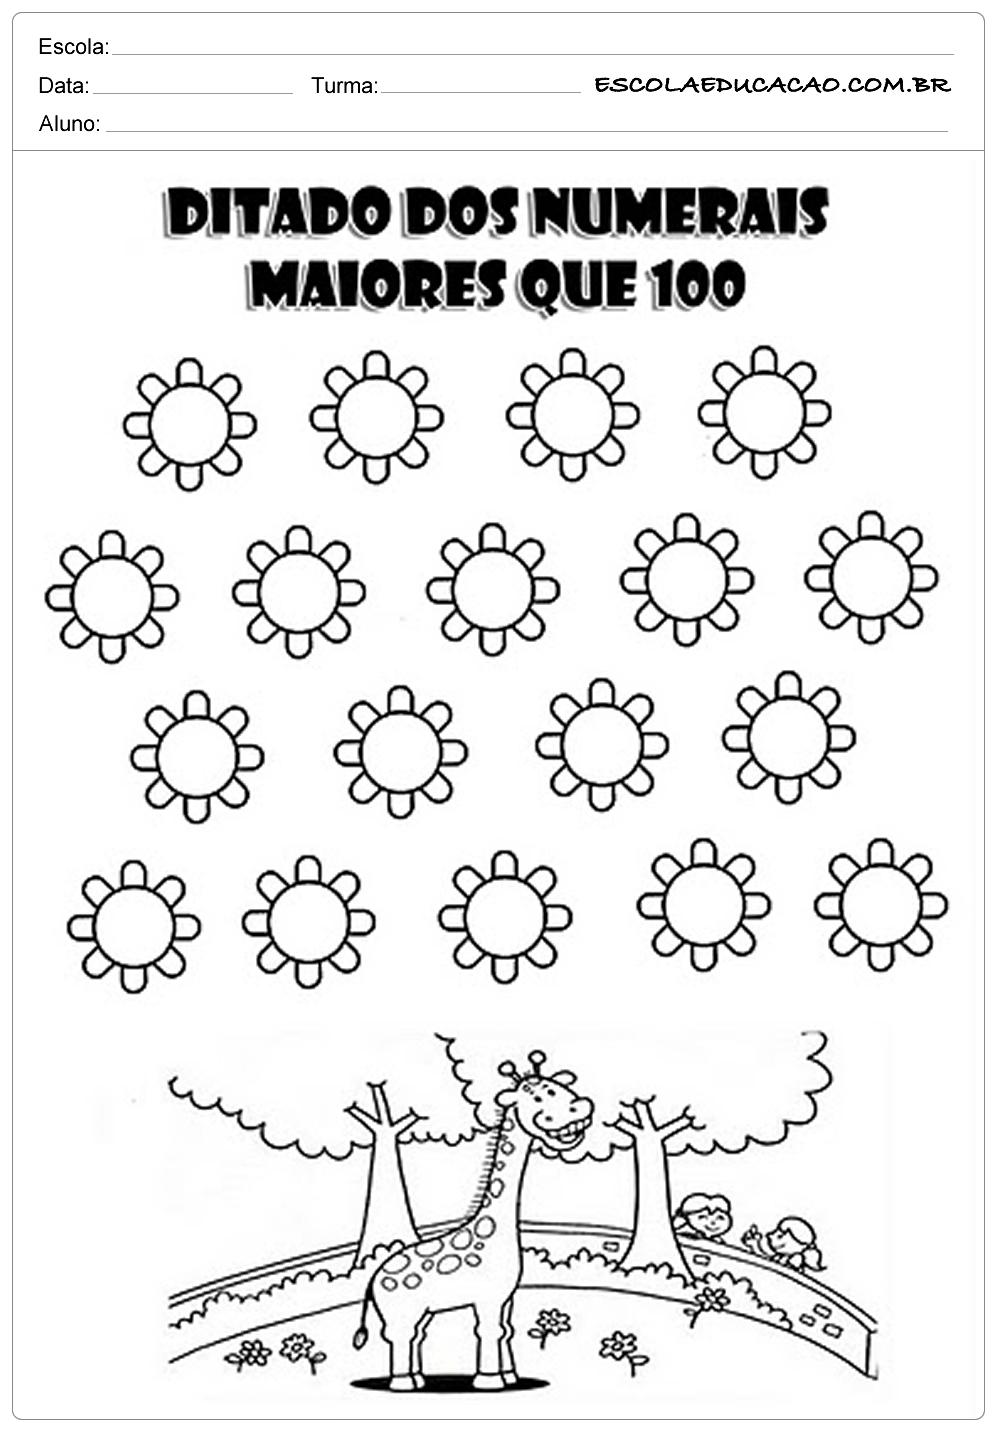 Atividades de Matemática 1º ano – Ditado dos números maiores que 100